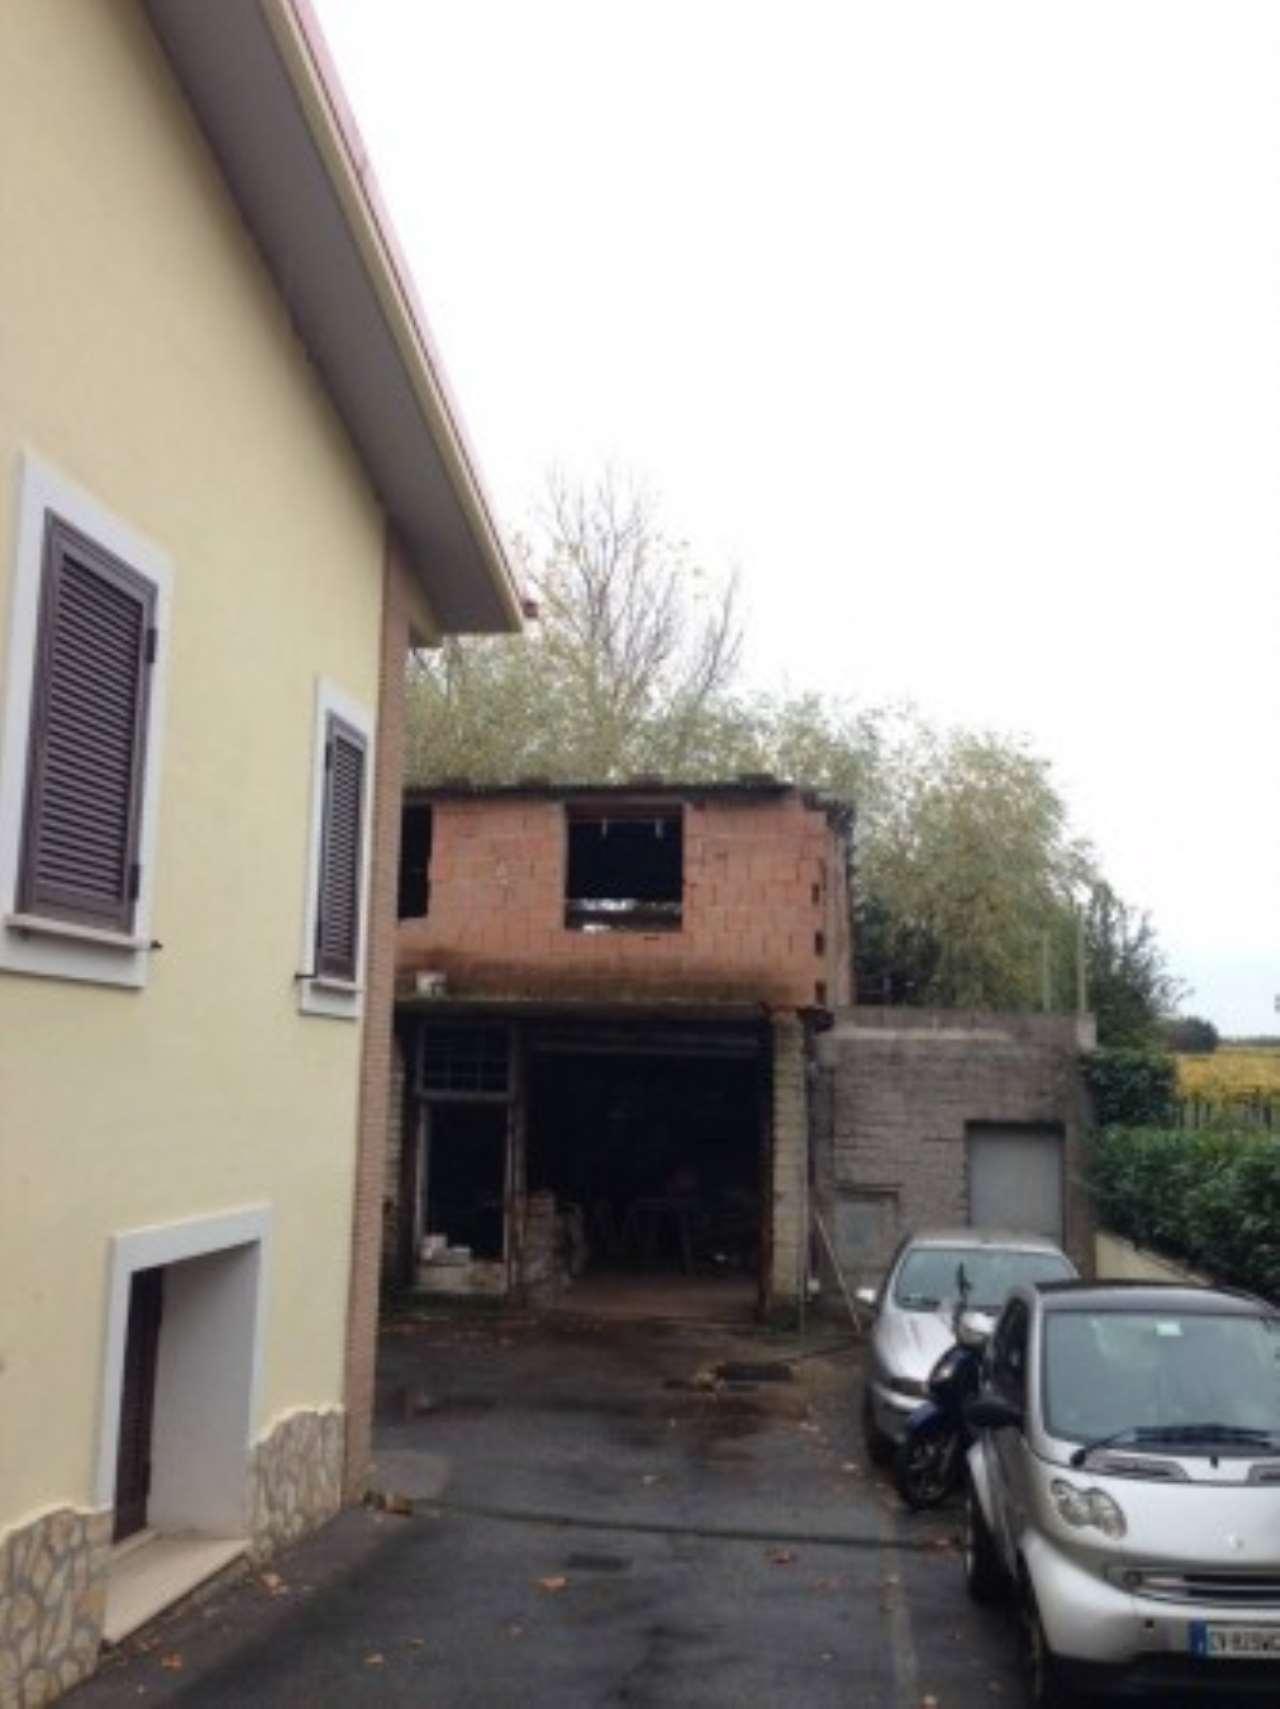 Rustico / Casale in vendita a Roma, 9999 locali, zona Zona: 36 . Finocchio, Torre Gaia, Tor Vergata, Borghesiana, prezzo € 99.000 | Cambio Casa.it